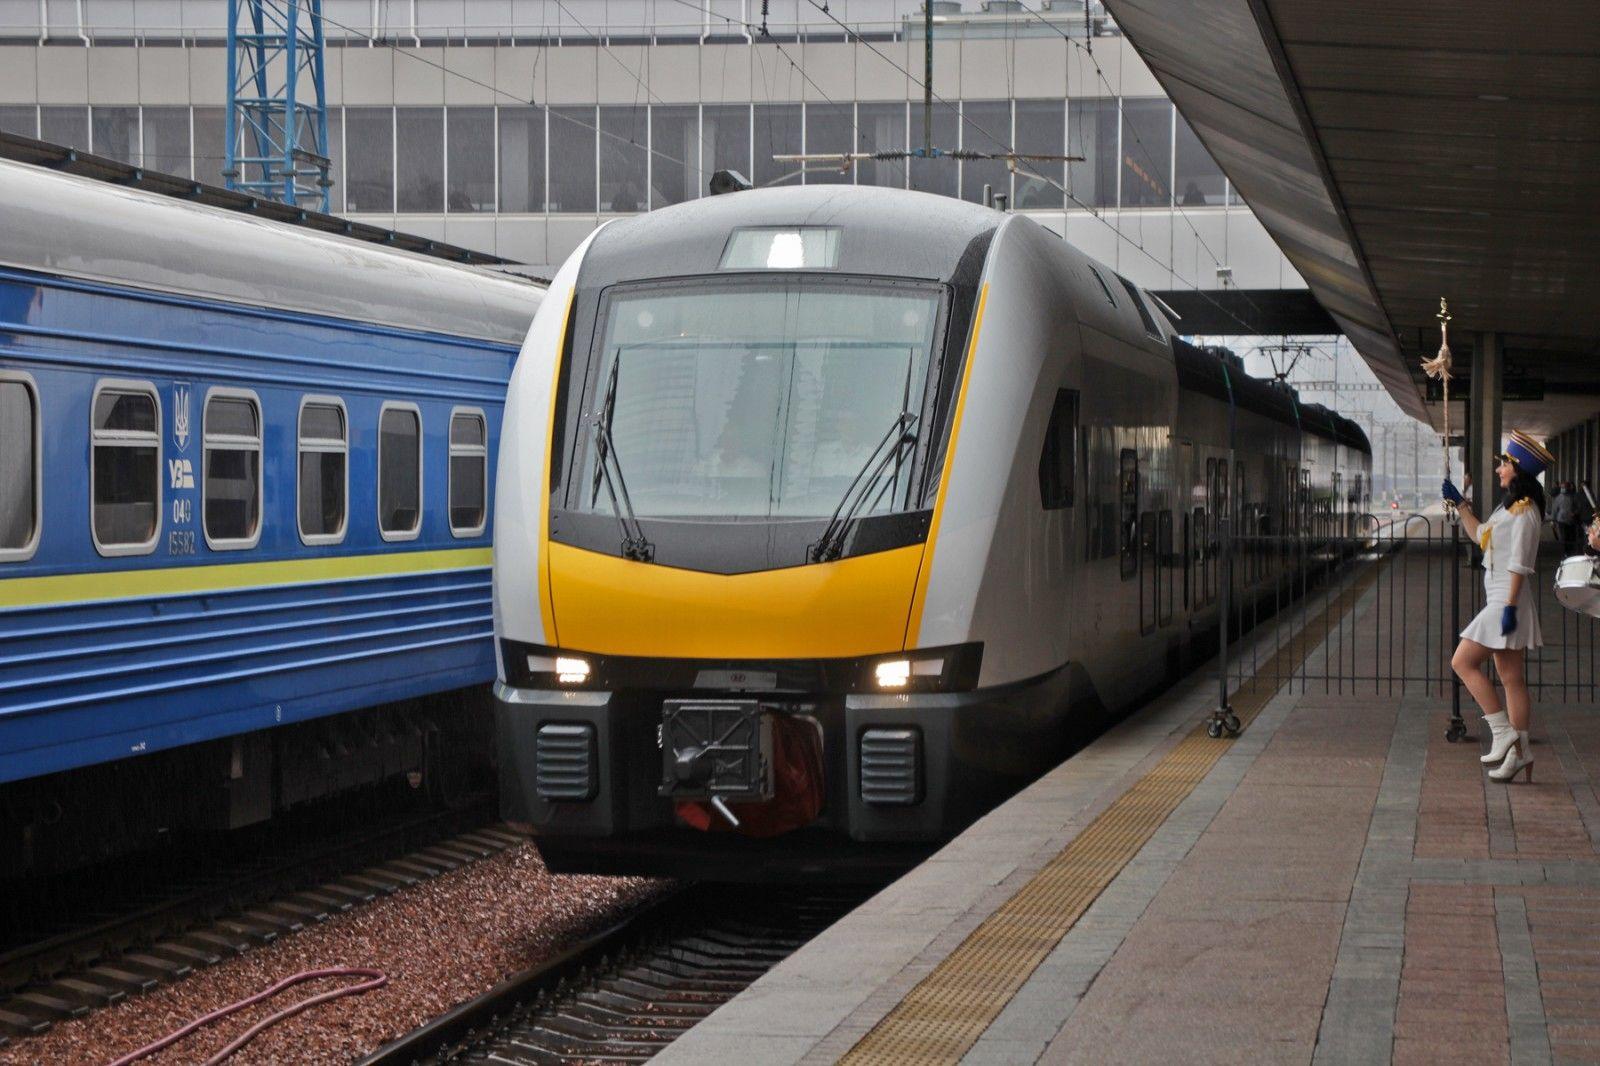 В Украине вскоре появятся еще больше швейцарских поездов: Киев одолжит 500 млн евро на закупку Stadler